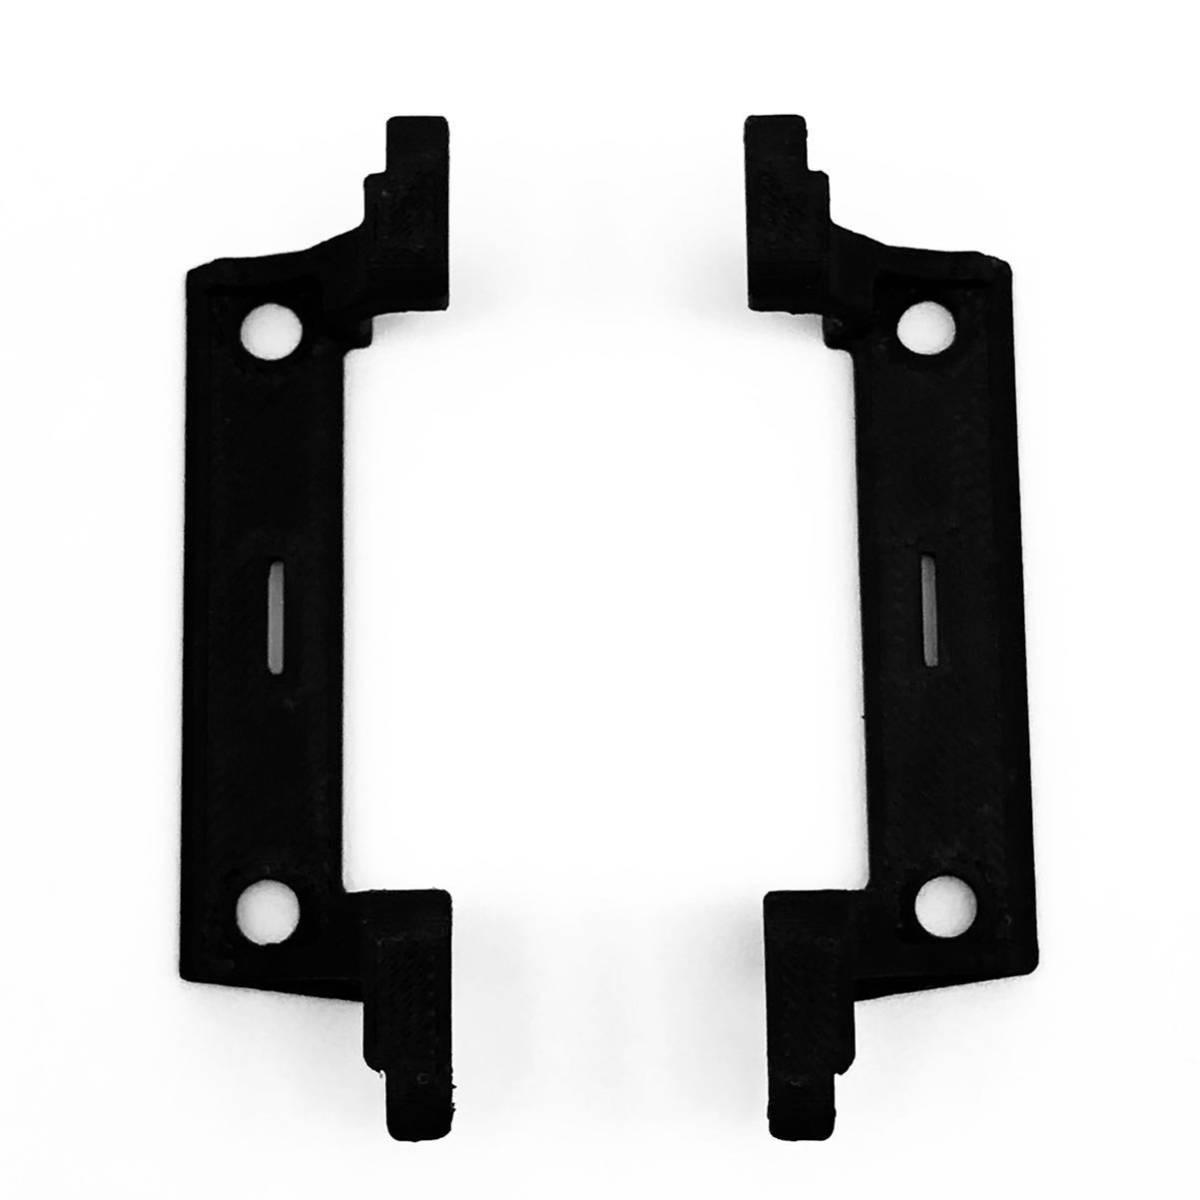 RGTタイヤ + 変換ハブ + ABS製 ミニッツ 4x4 4ランナー 用 10mm リフトアップパーツセット 4×4